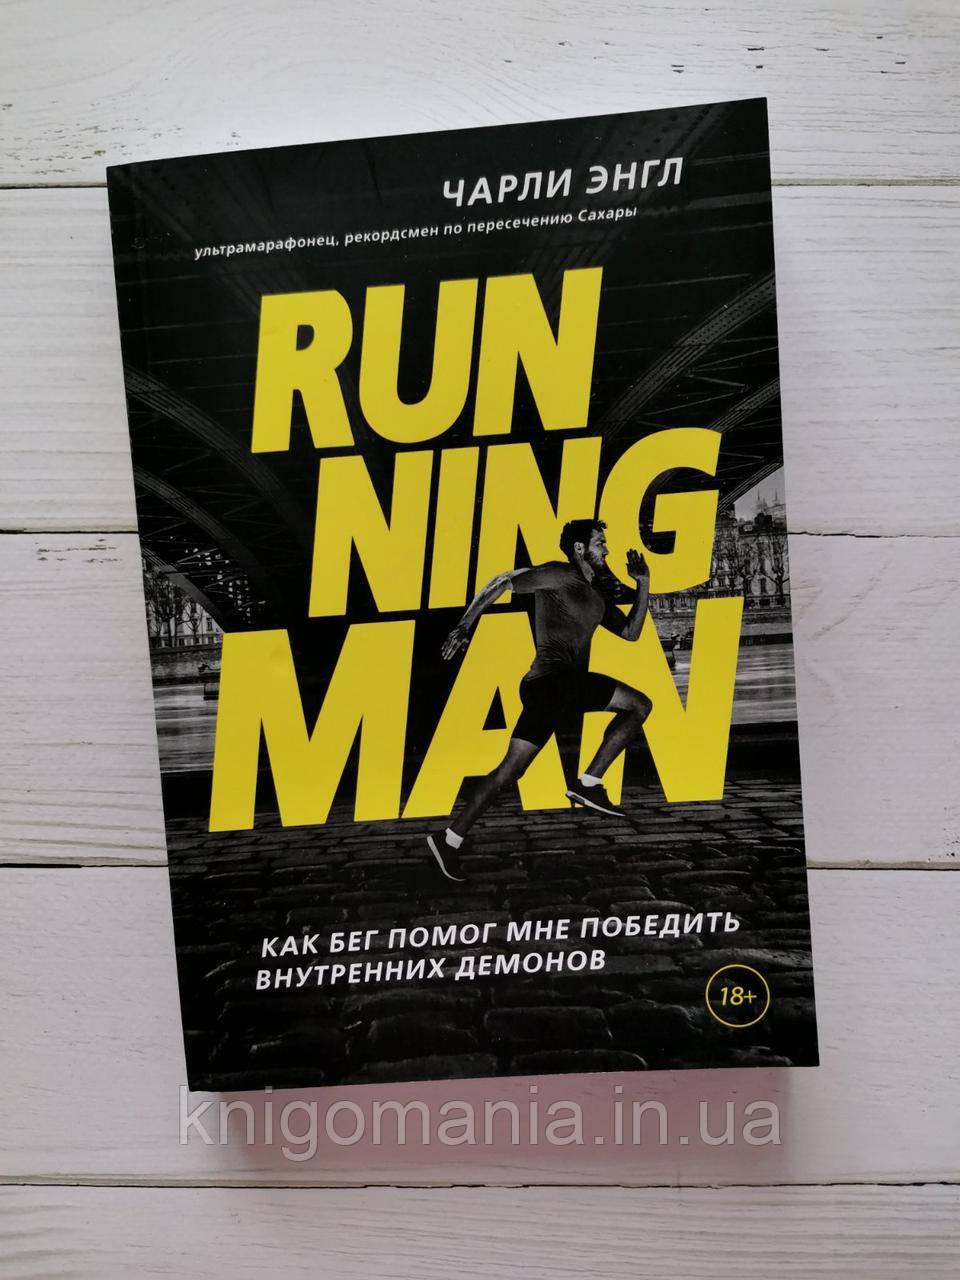 """""""Running man. Как бег помог мне победить внутренних демонов.""""  Чарли Энгл"""